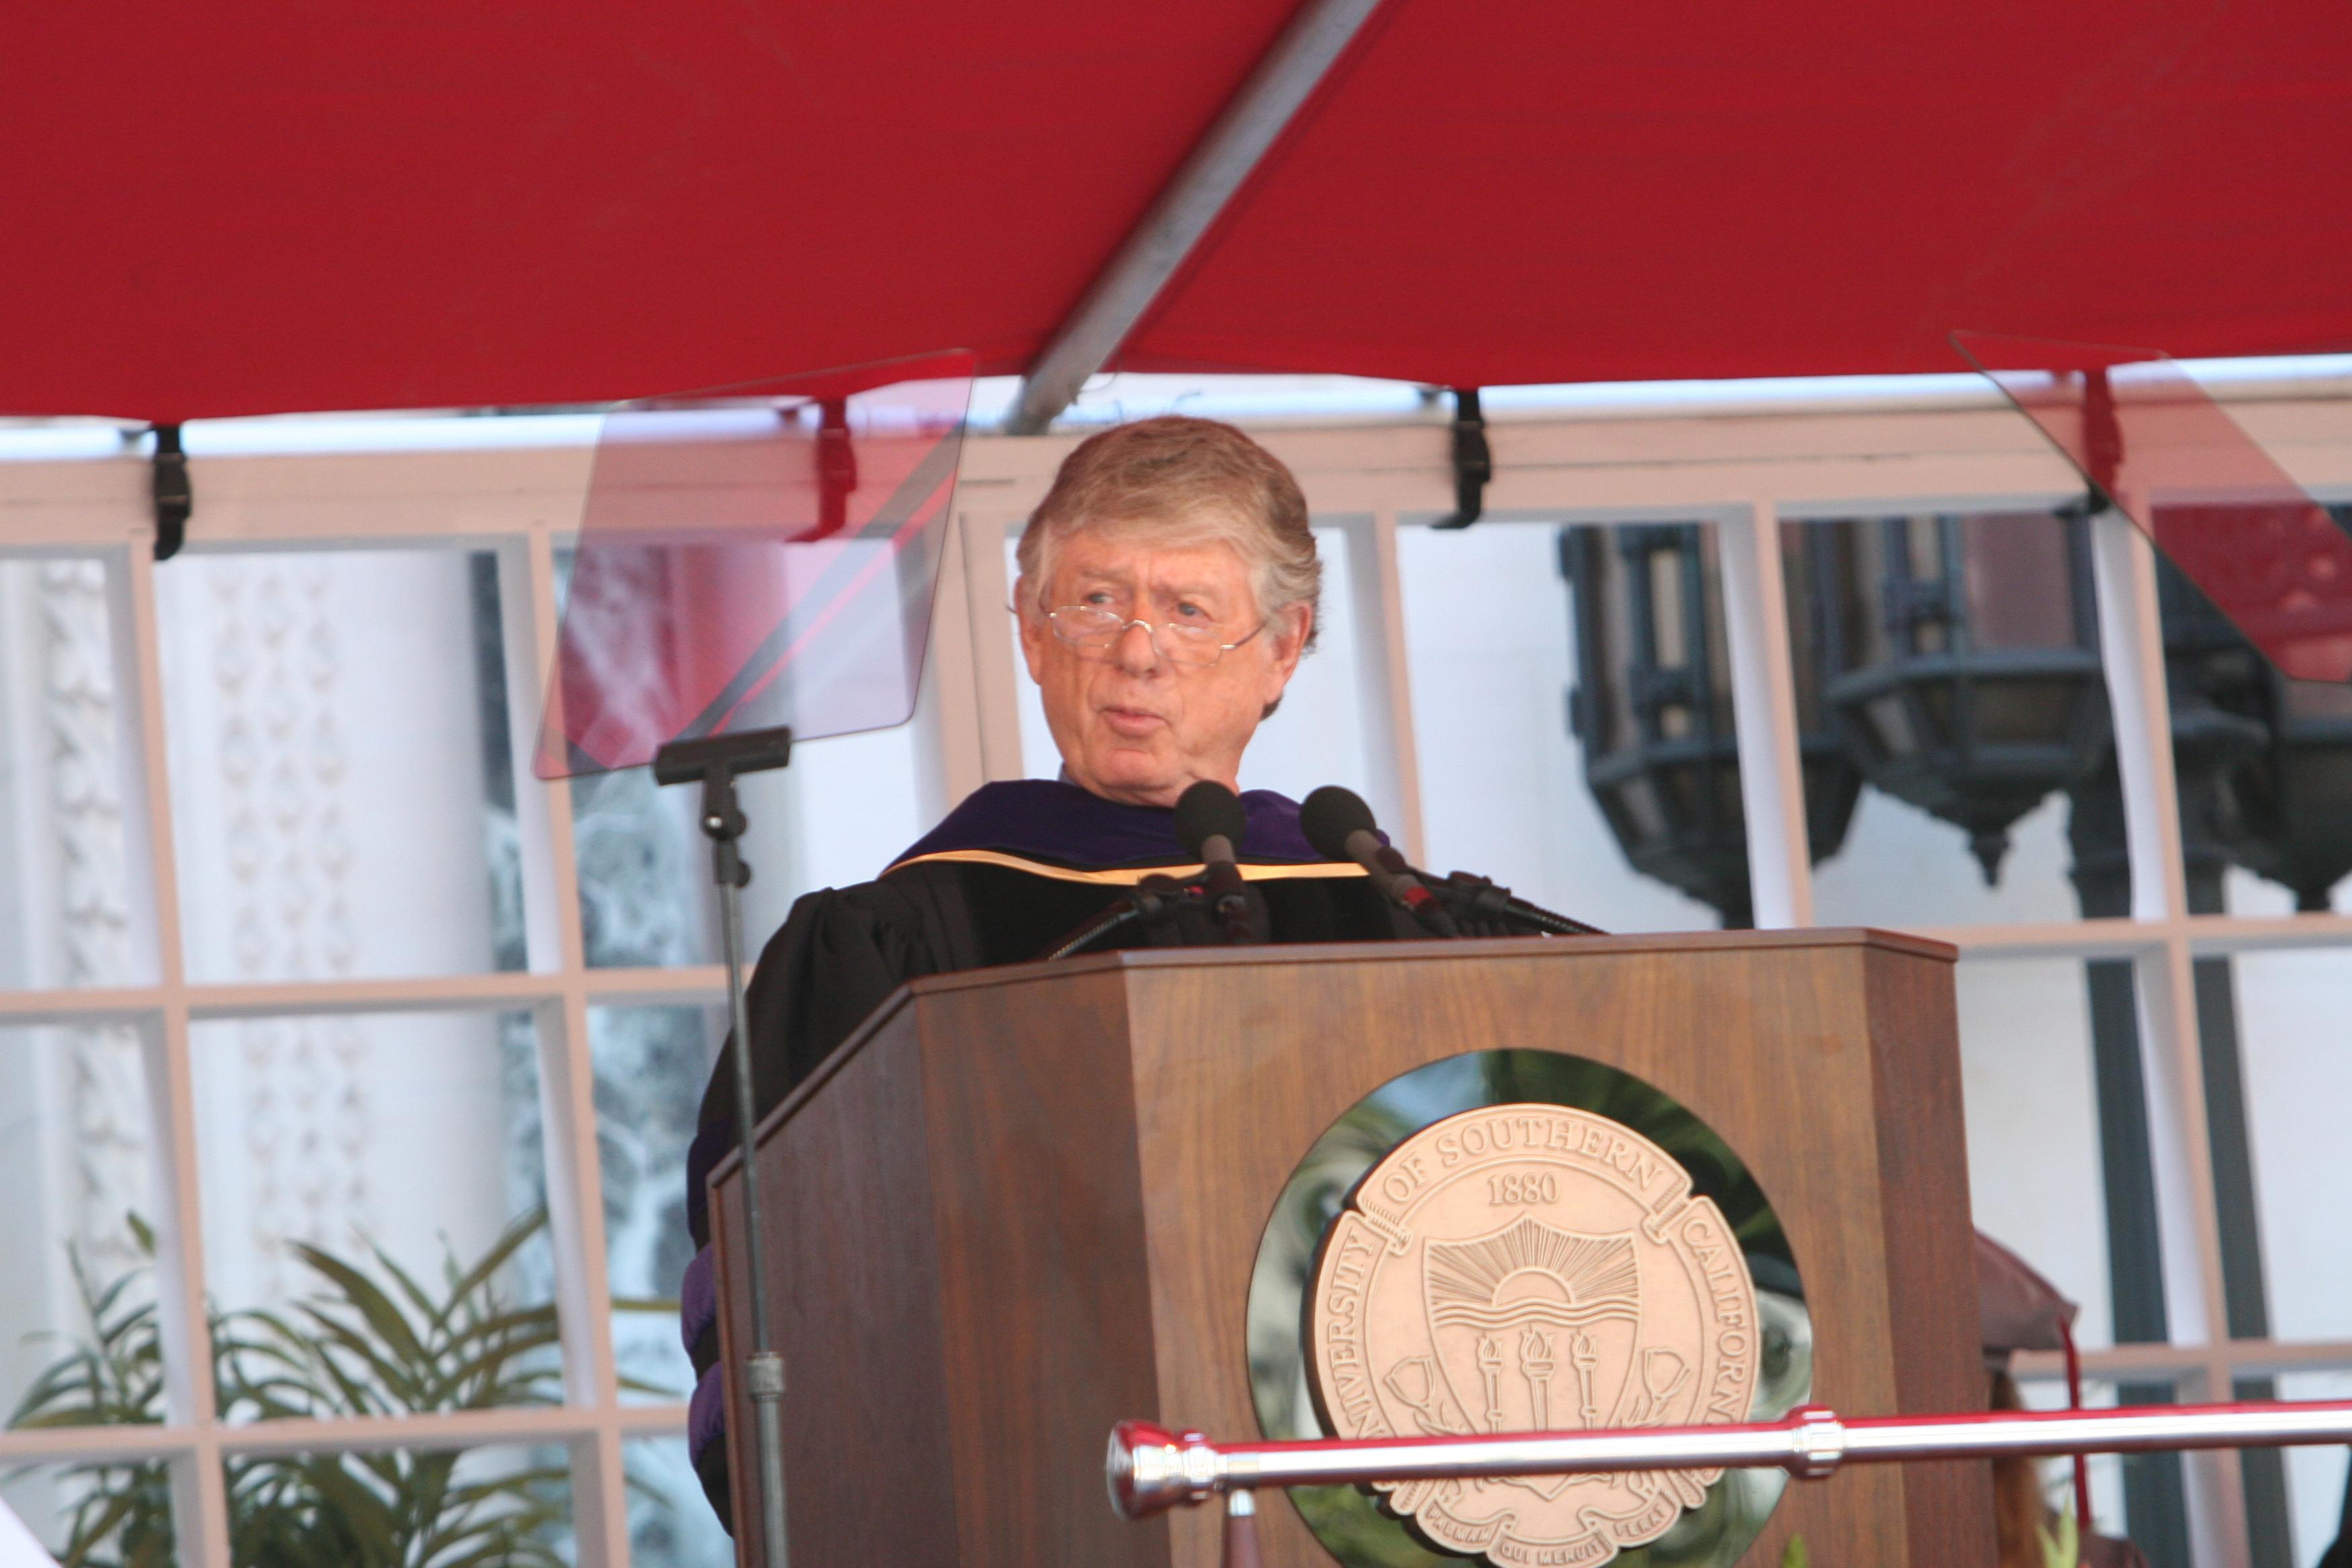 Usc Graduation Speaker 2020.2007 Commencement Address Commencement 2020 Usc